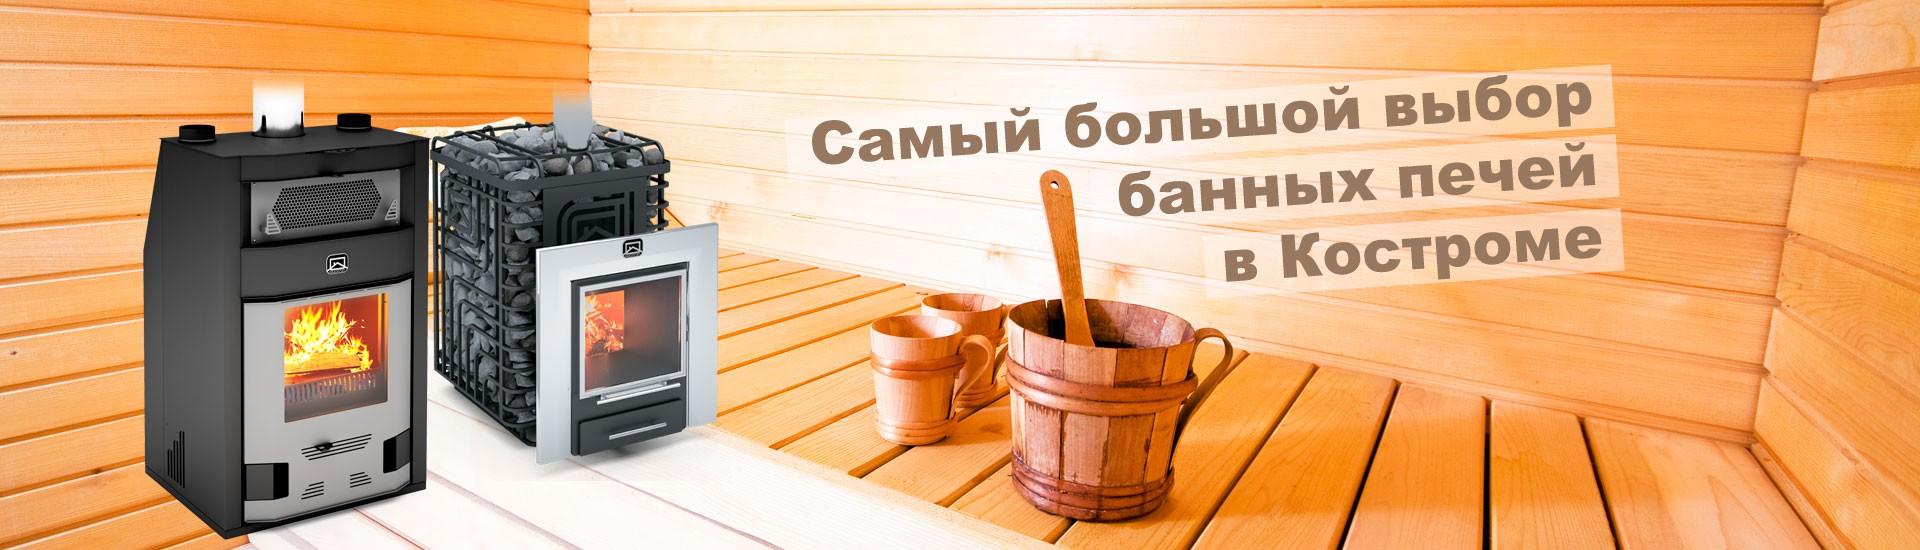 Самый  большой выбор банных печей в Костроме